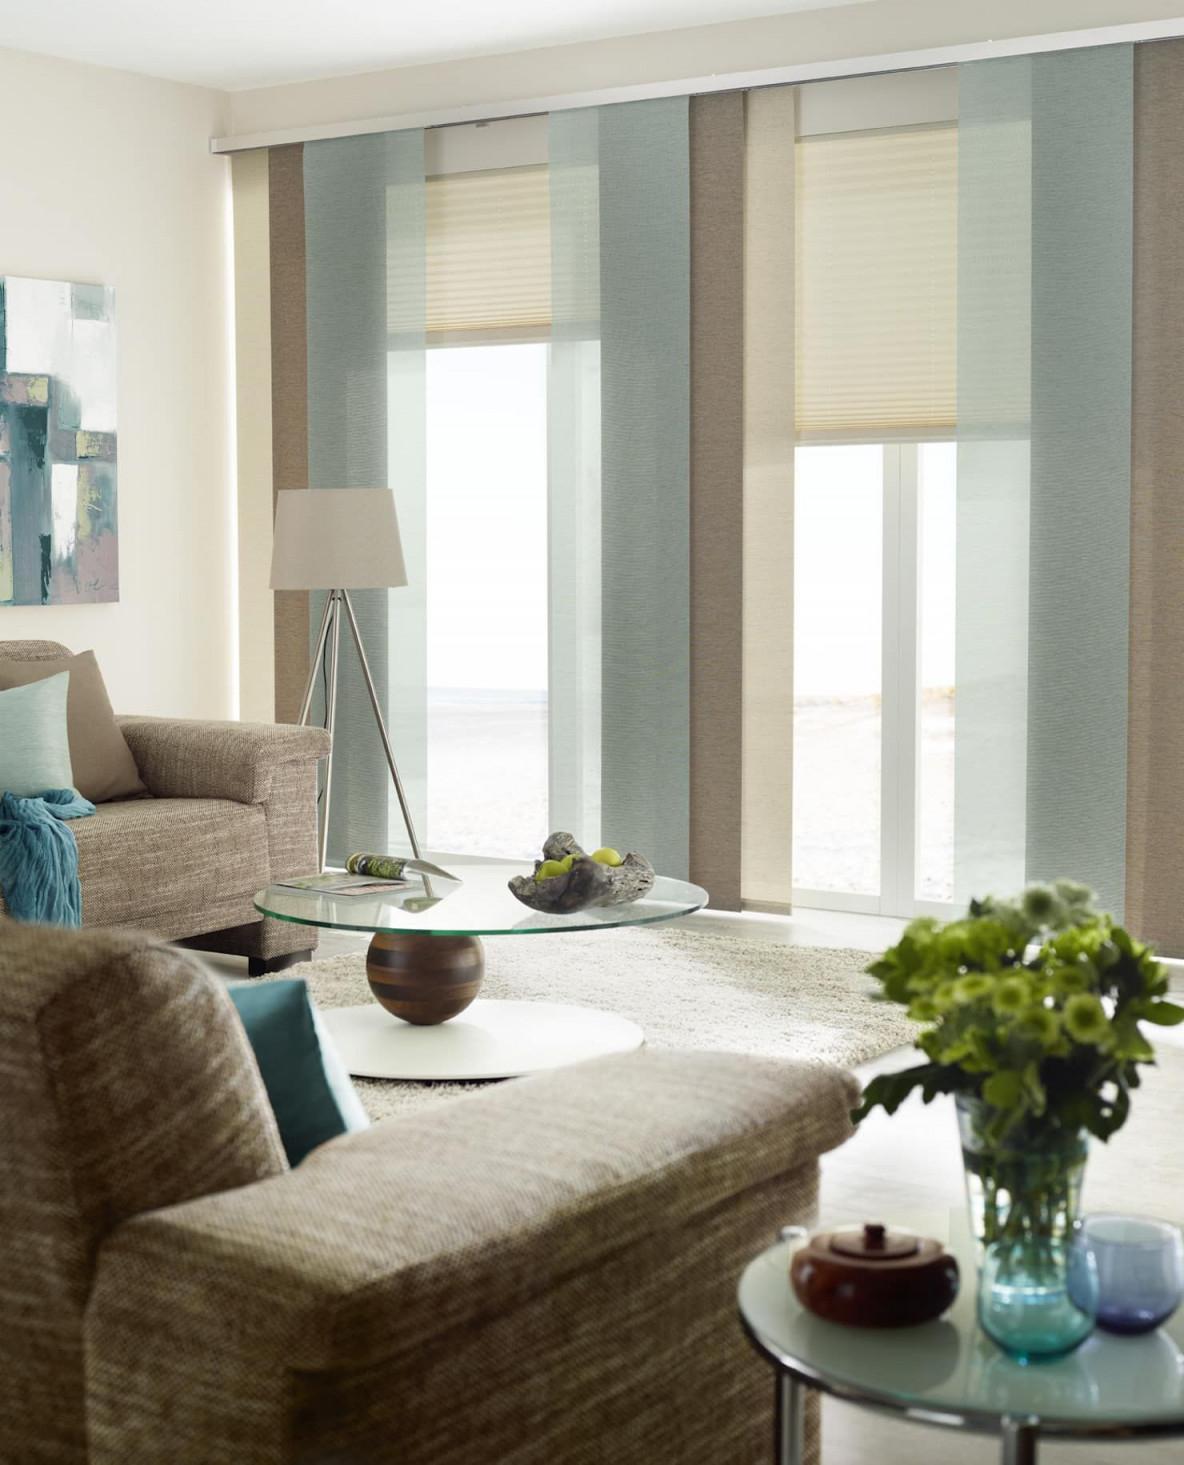 Gardinen Sonnenschutz Plissee  Livingreet Moderne von Fenstergestaltung Wohnzimmer Ideen Bild